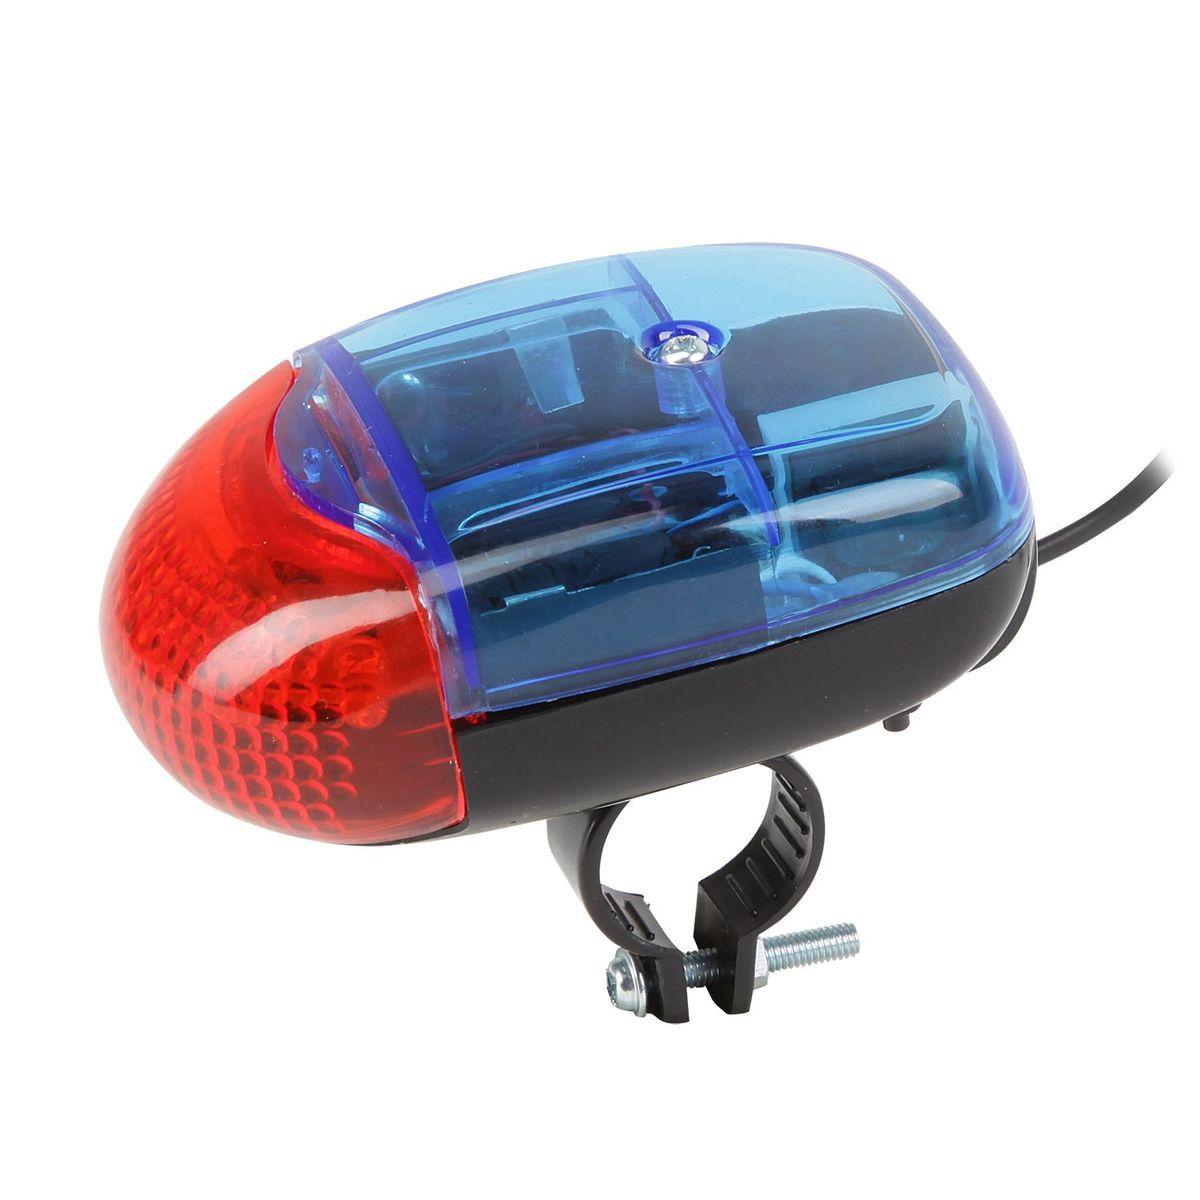 Сигнал Xing cheng ХС-200А, 8 звуков, мерцание 7 типов. Х10366ГризлиЗвуковой сигнал, поддерживает 8 различных звуков и 7 типов мерцаний